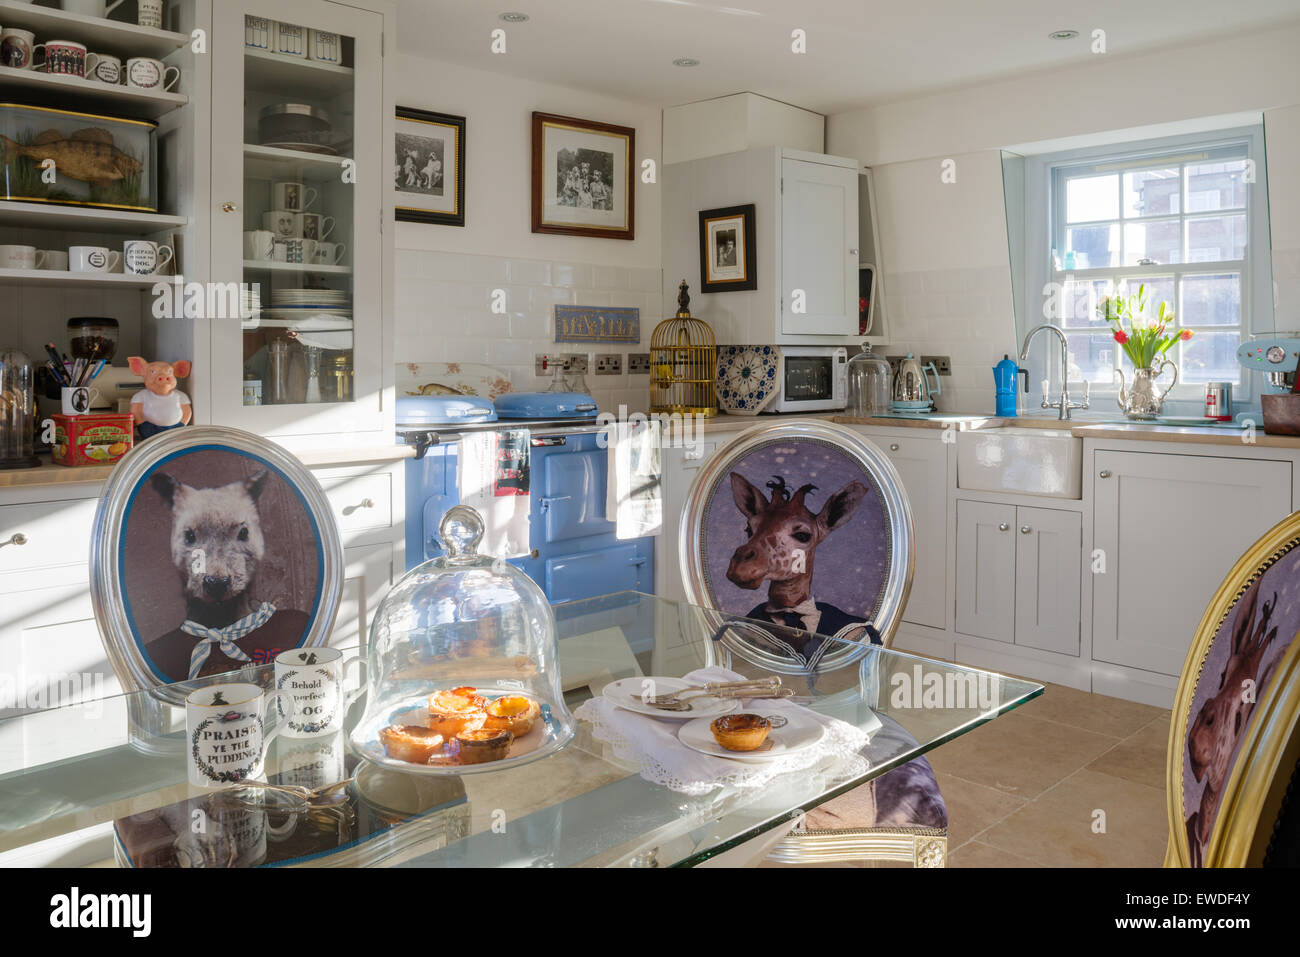 Stampe Da Cucina : Sedie da pranzo rivestita in cory di stampe visitorian attorno al